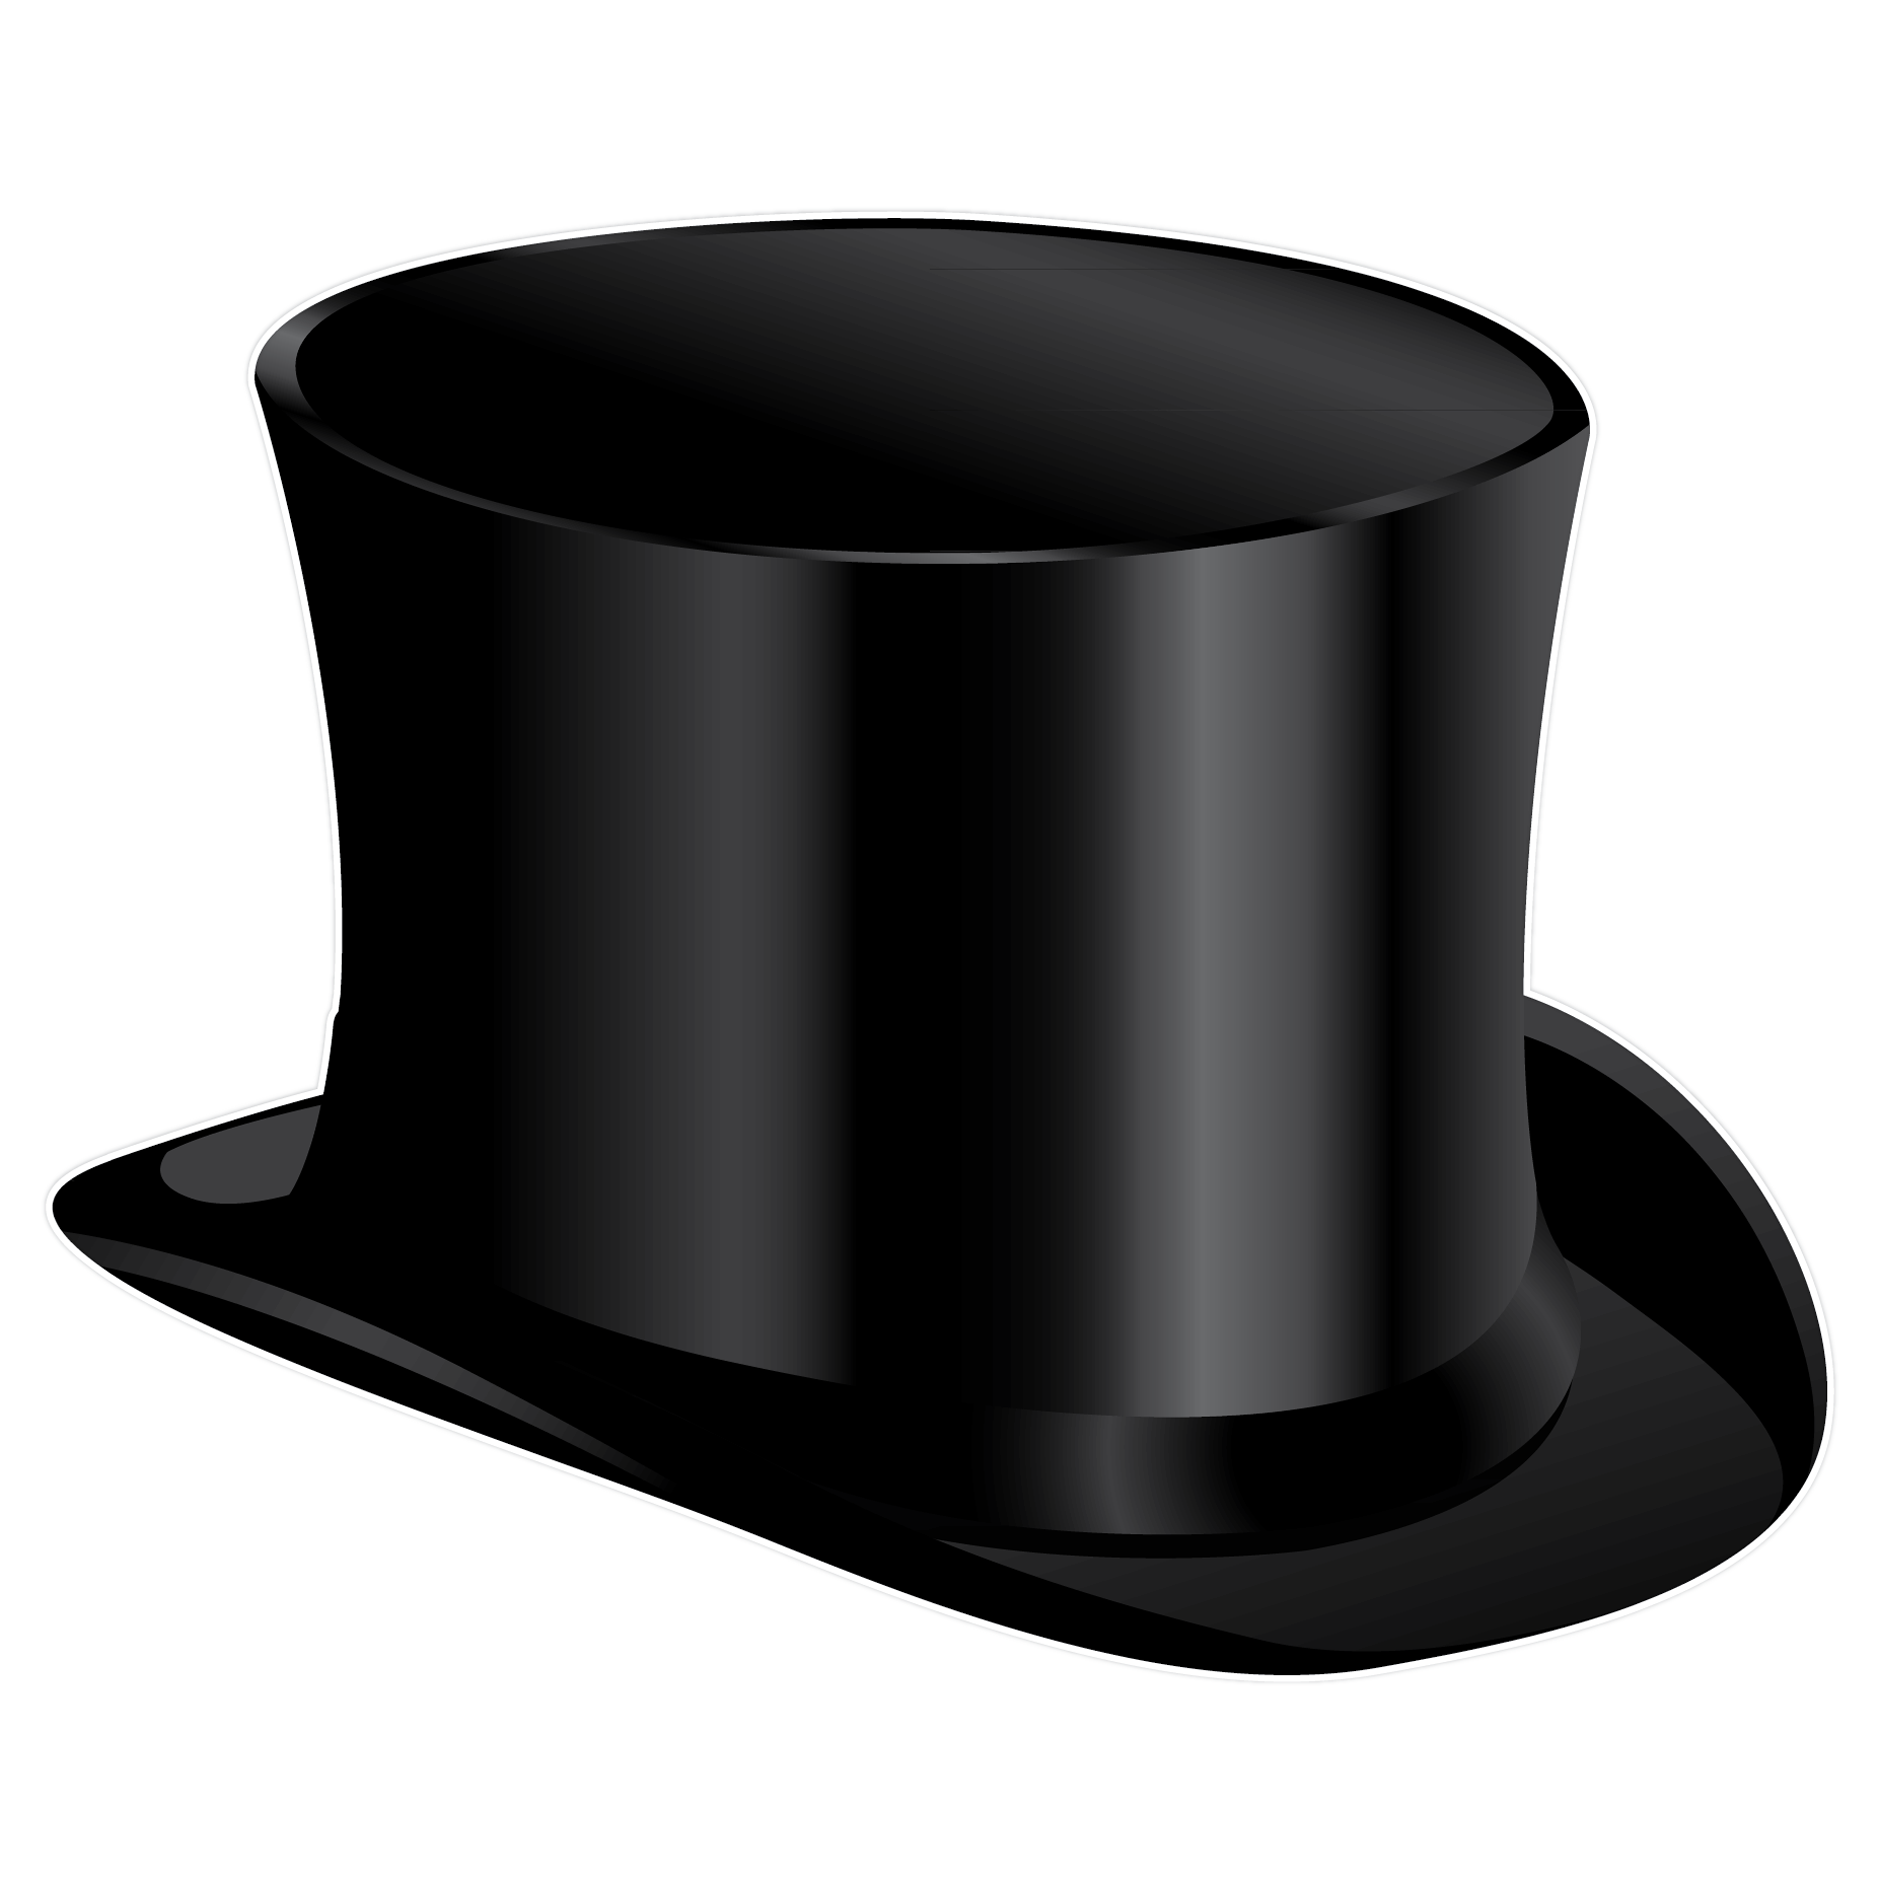 Clip art top hat clipart